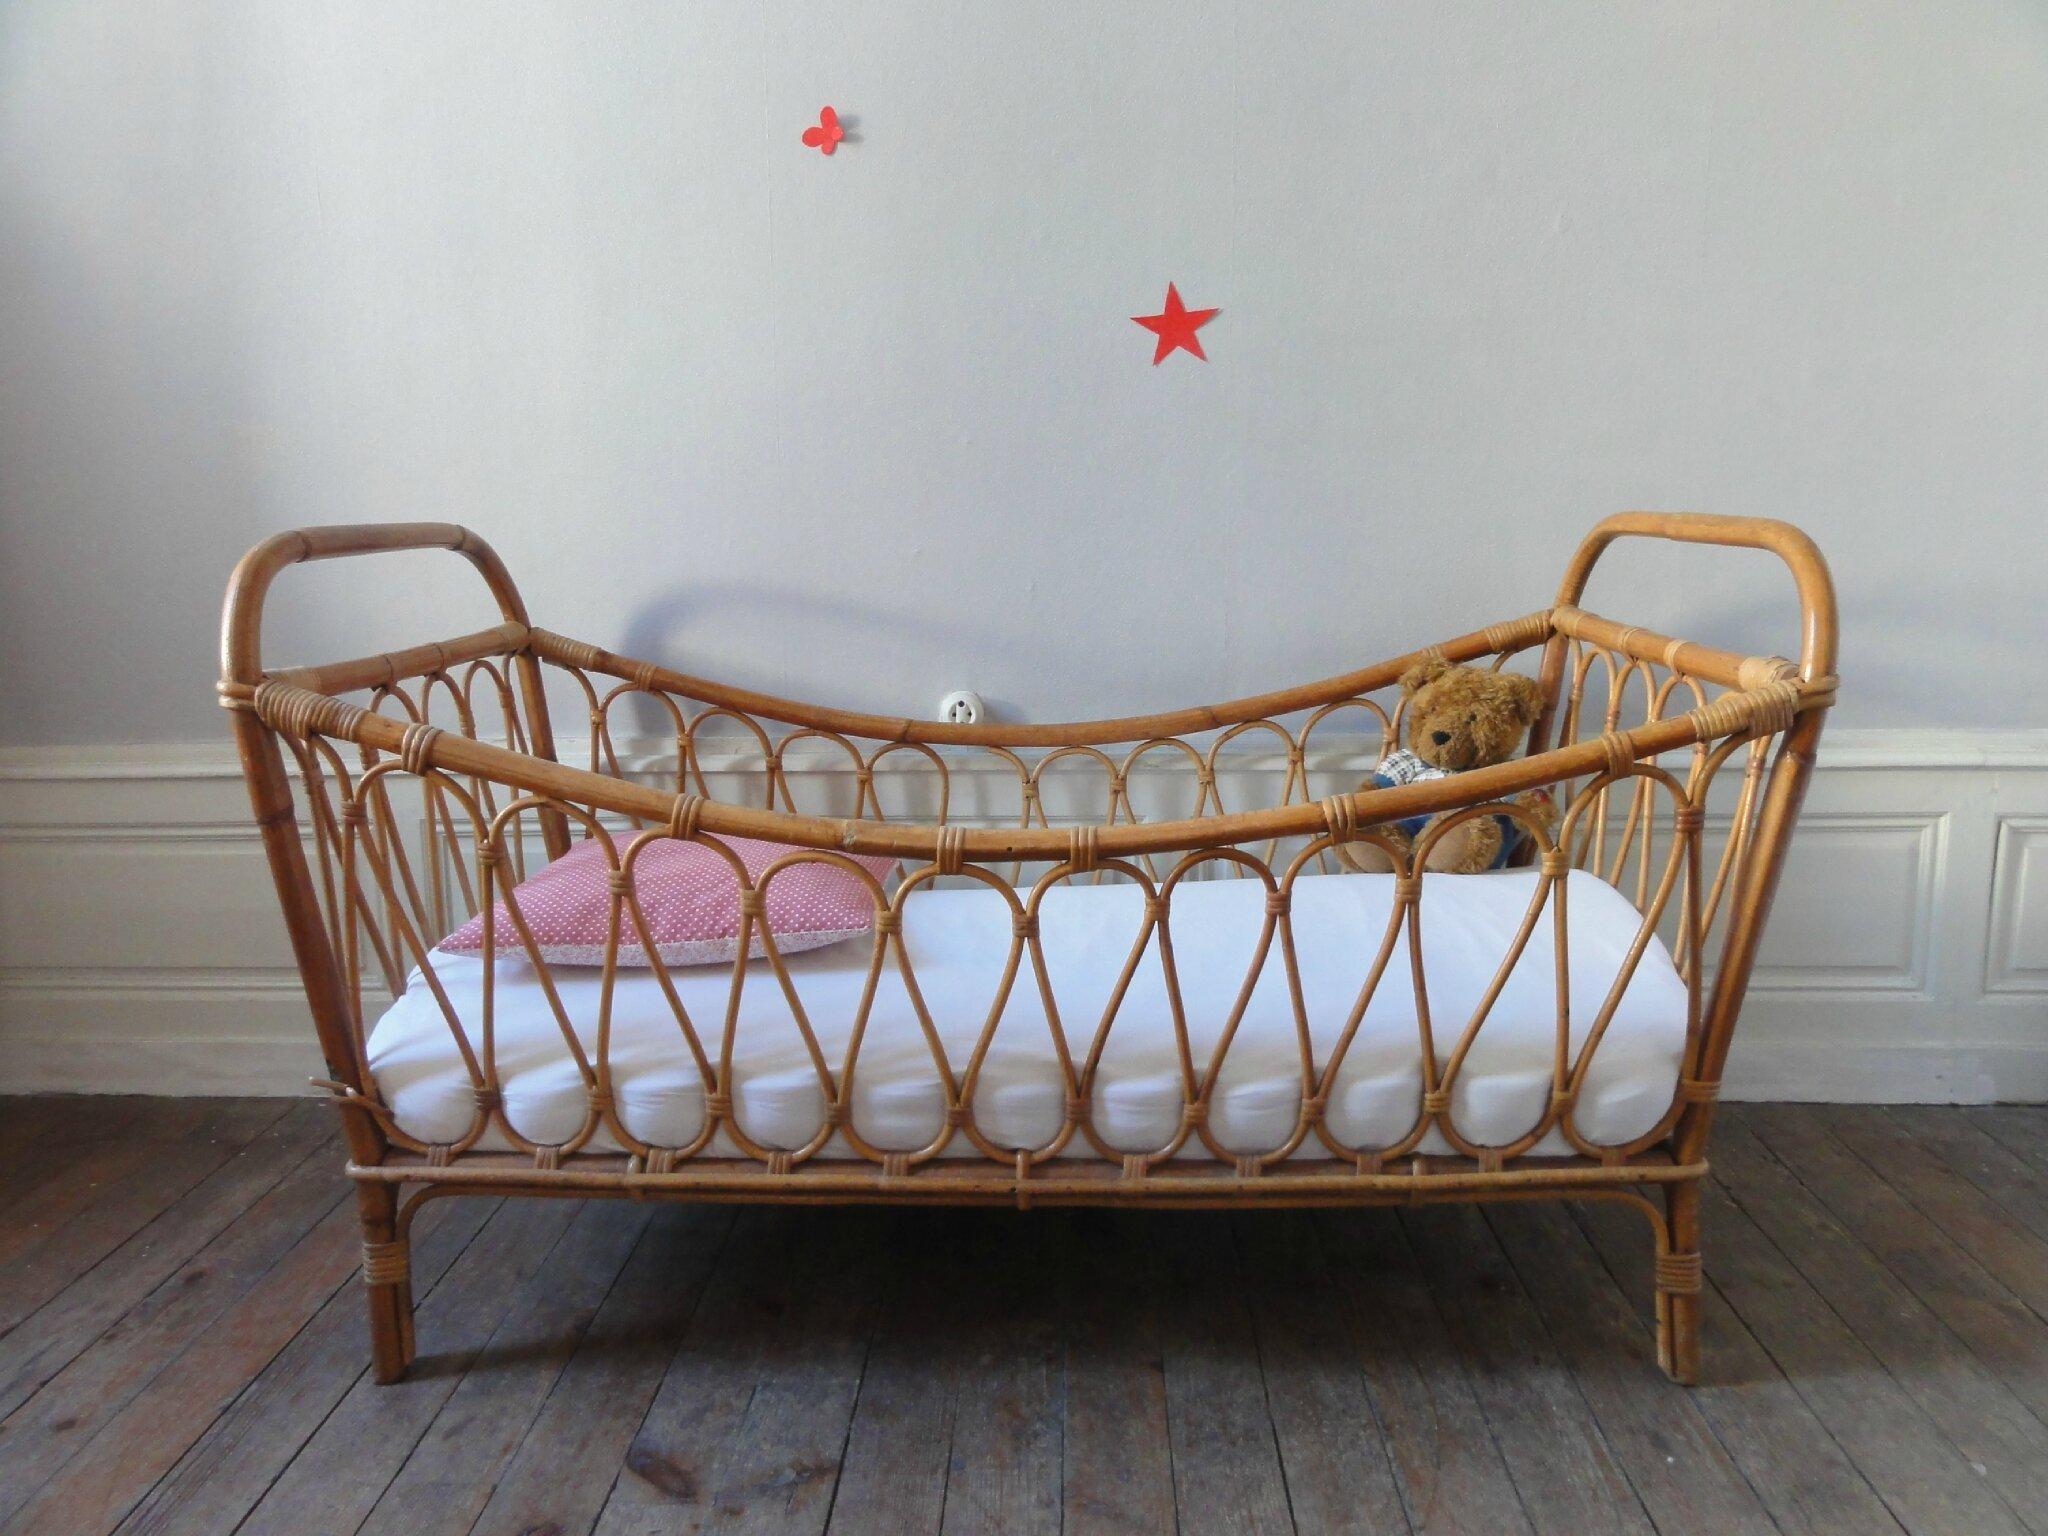 lit enfant en rotin annees 60 vintage moi. Black Bedroom Furniture Sets. Home Design Ideas